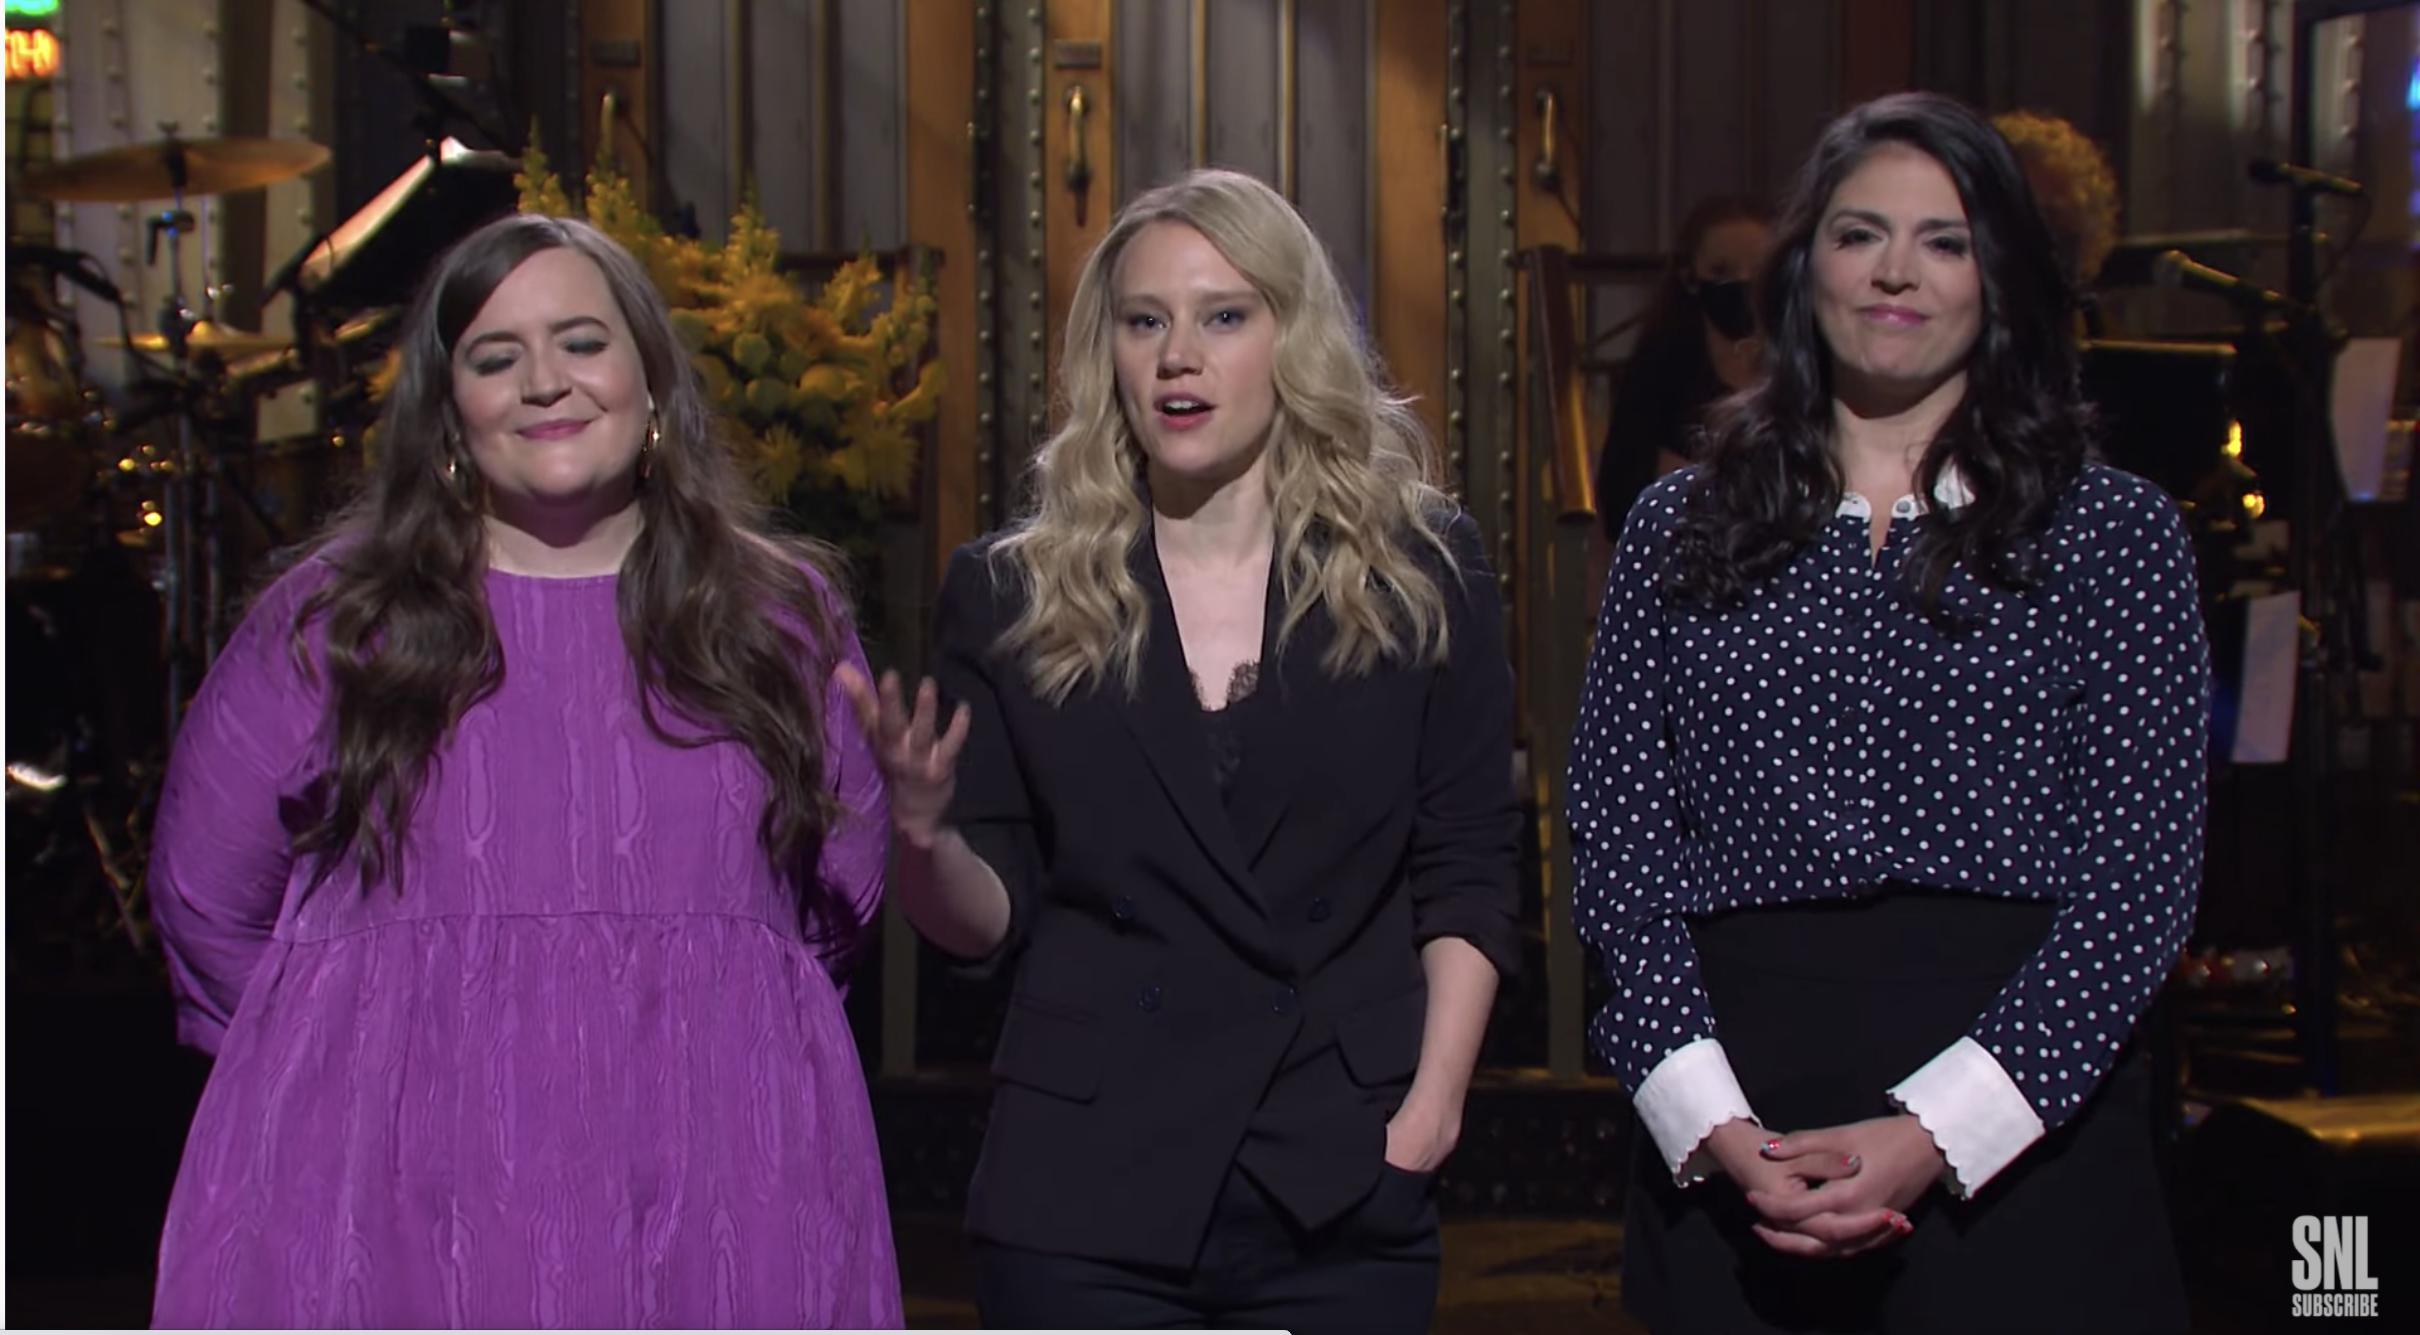 'Saturday Night Live': Lorne Michaels Set To Kick Off Cast Talks As Rumor Mill Swirls